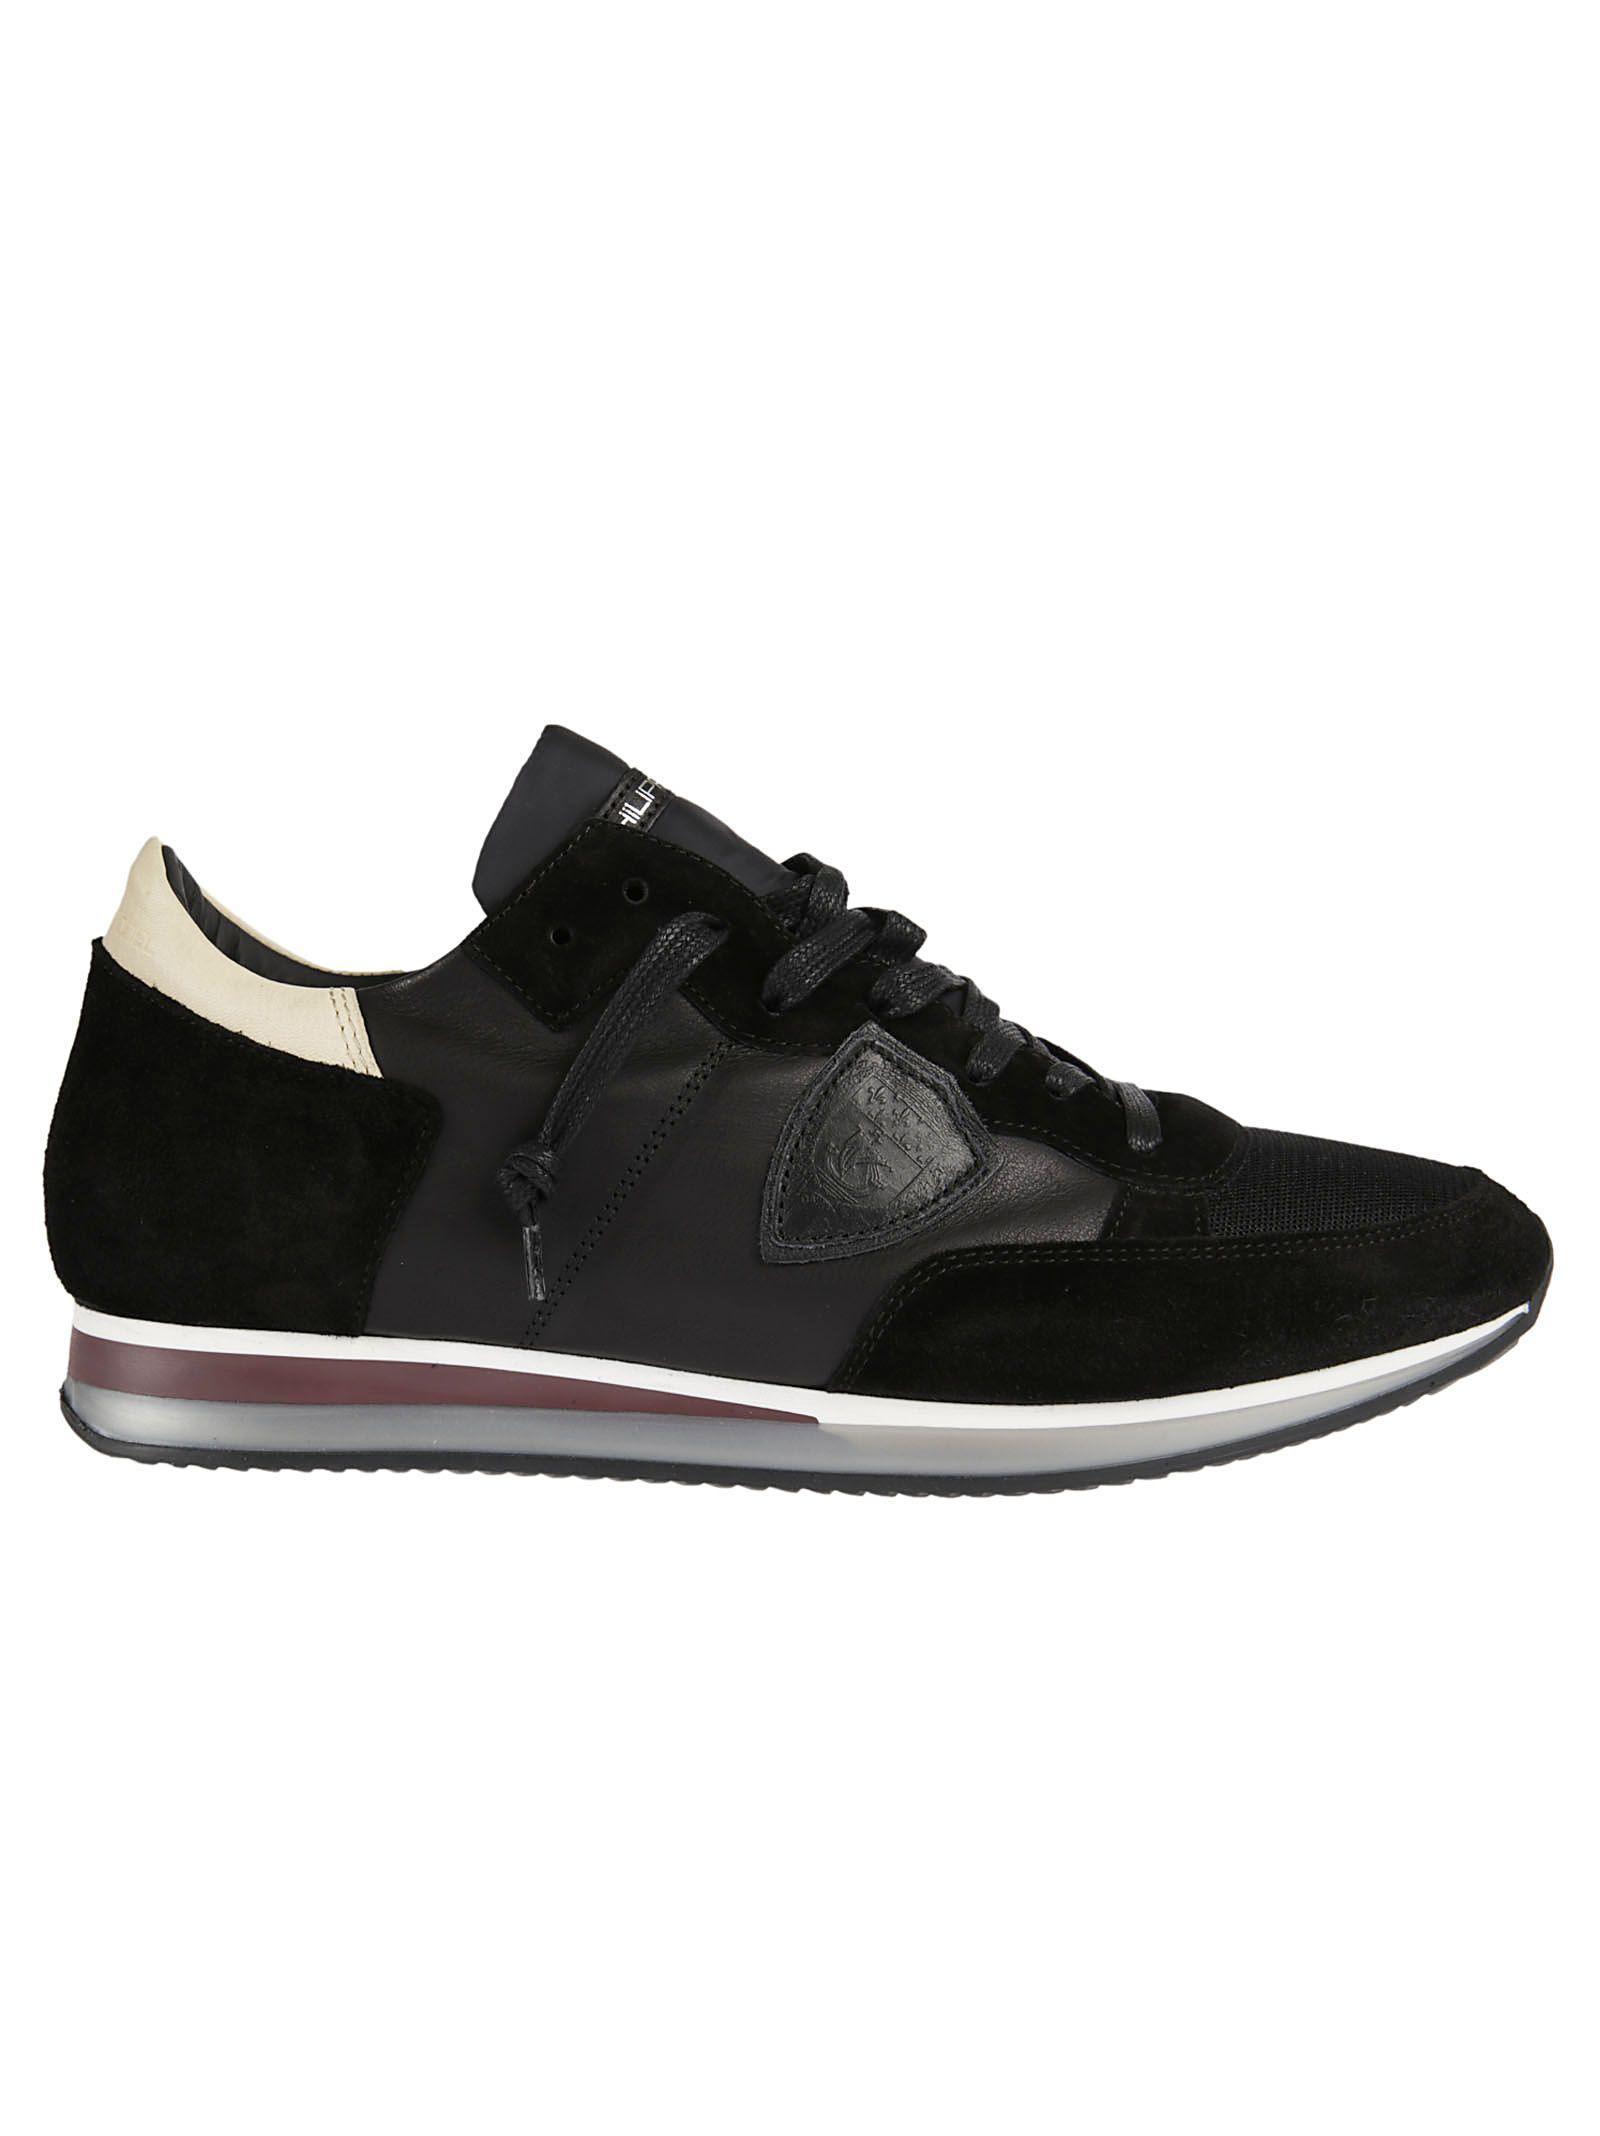 Philippe Model Tropez Sneakers In Noir